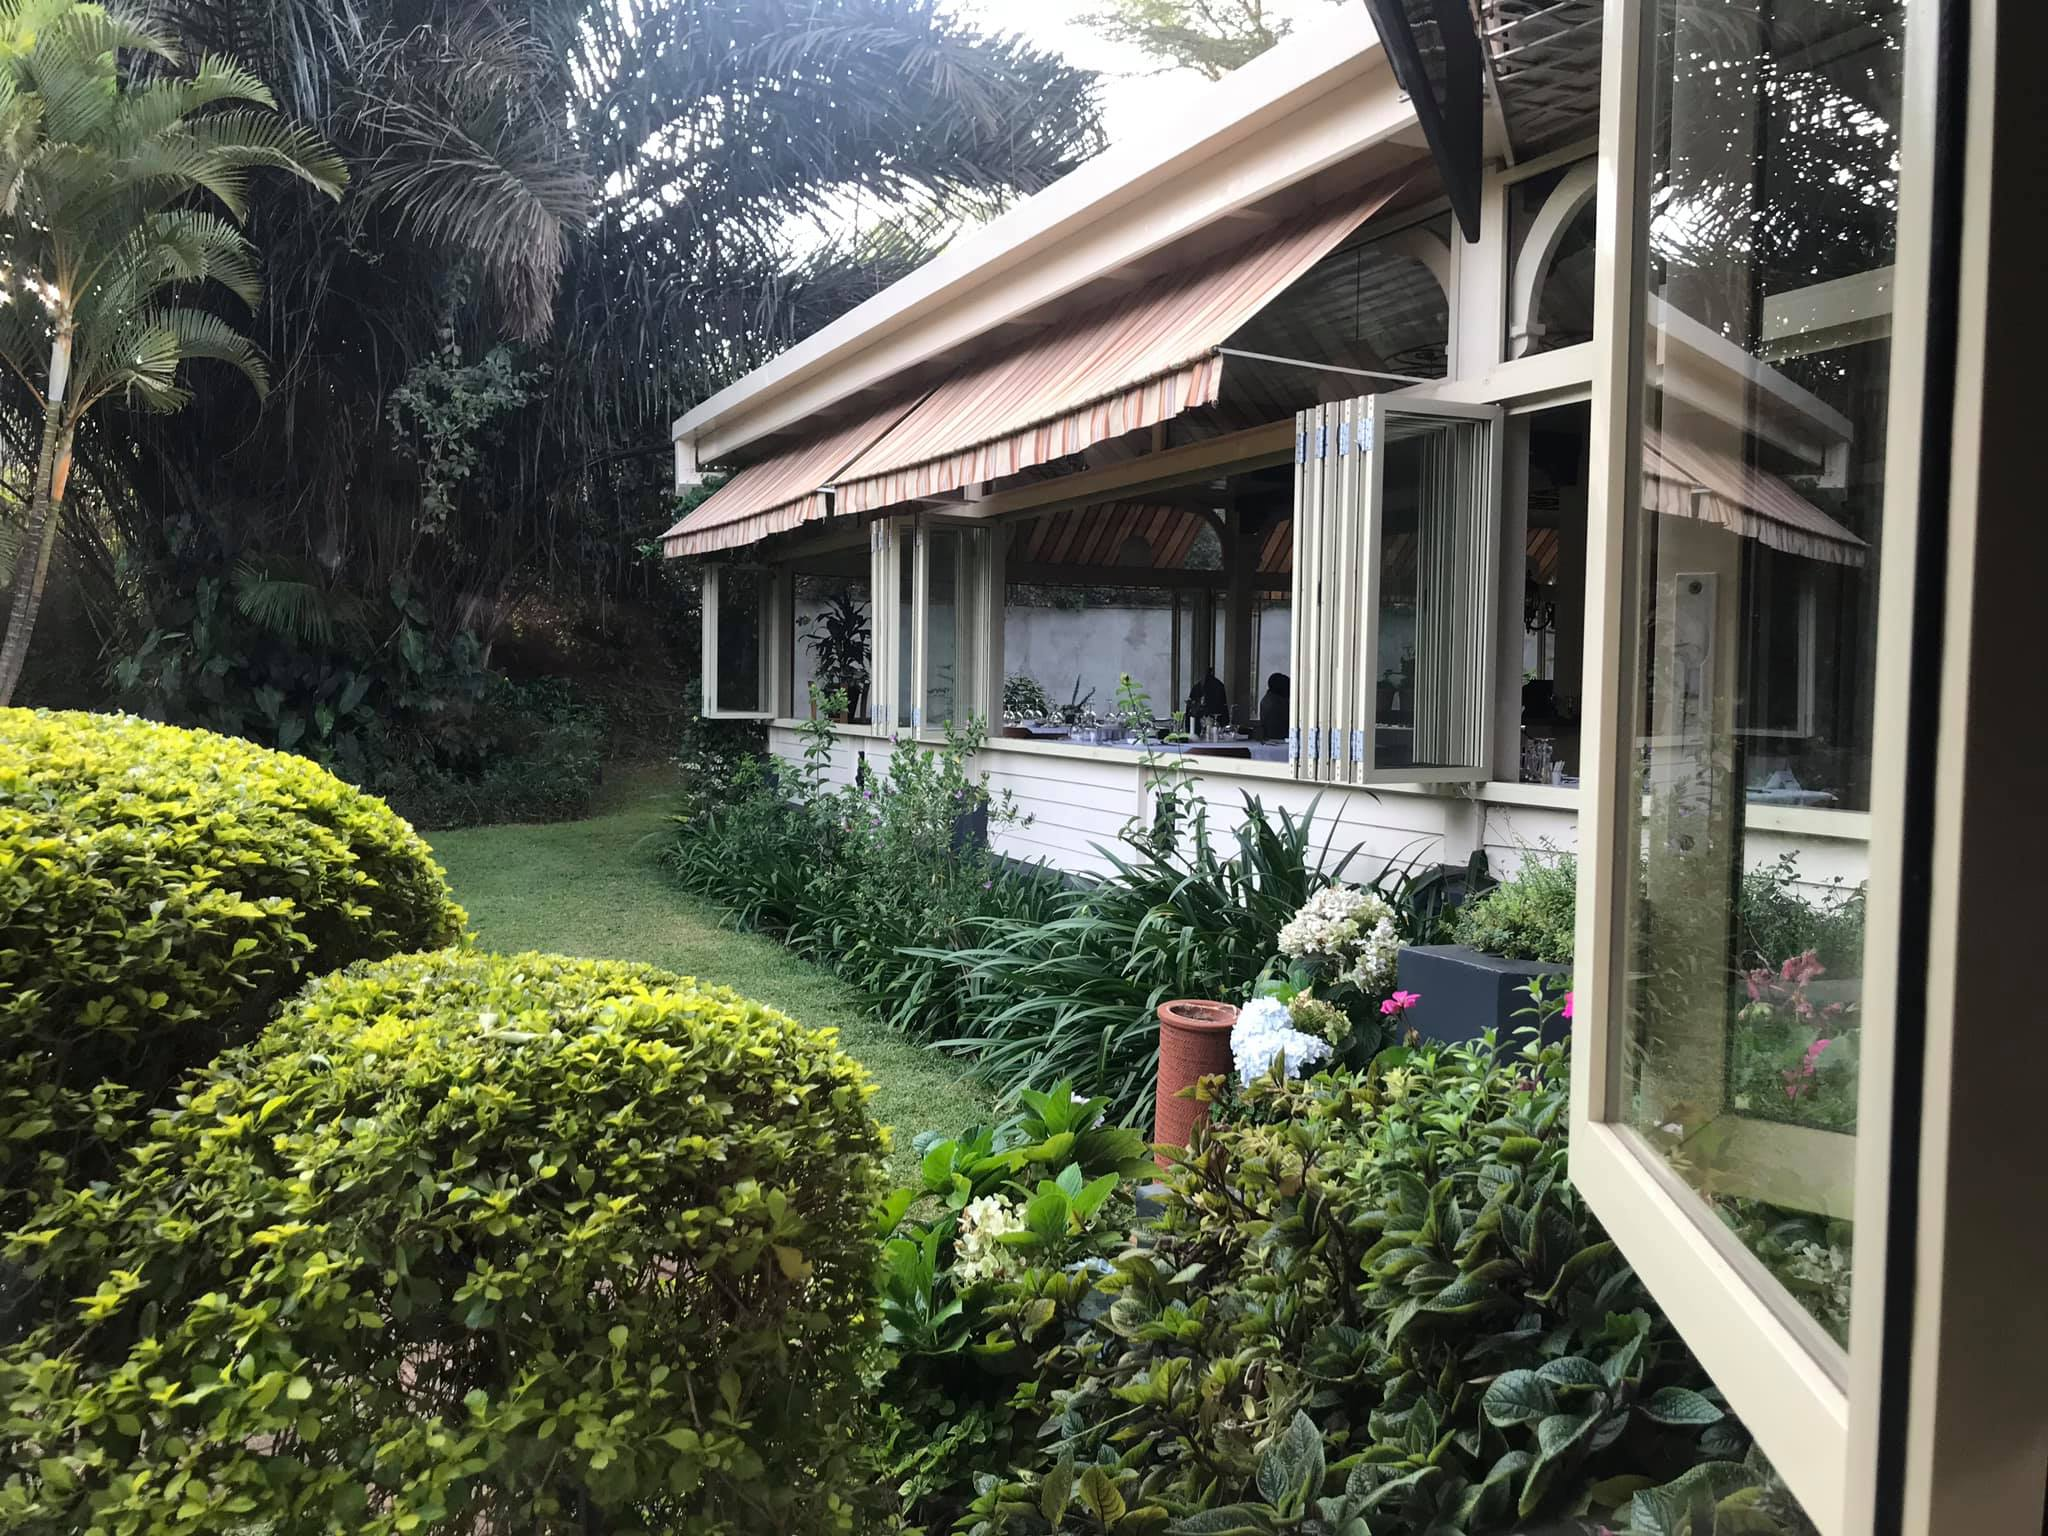 Nairobi-kenya-travel-eat-see-do-vickieremoe-72hours-EastAfrica-giraffe-shopping-TV40.jpg